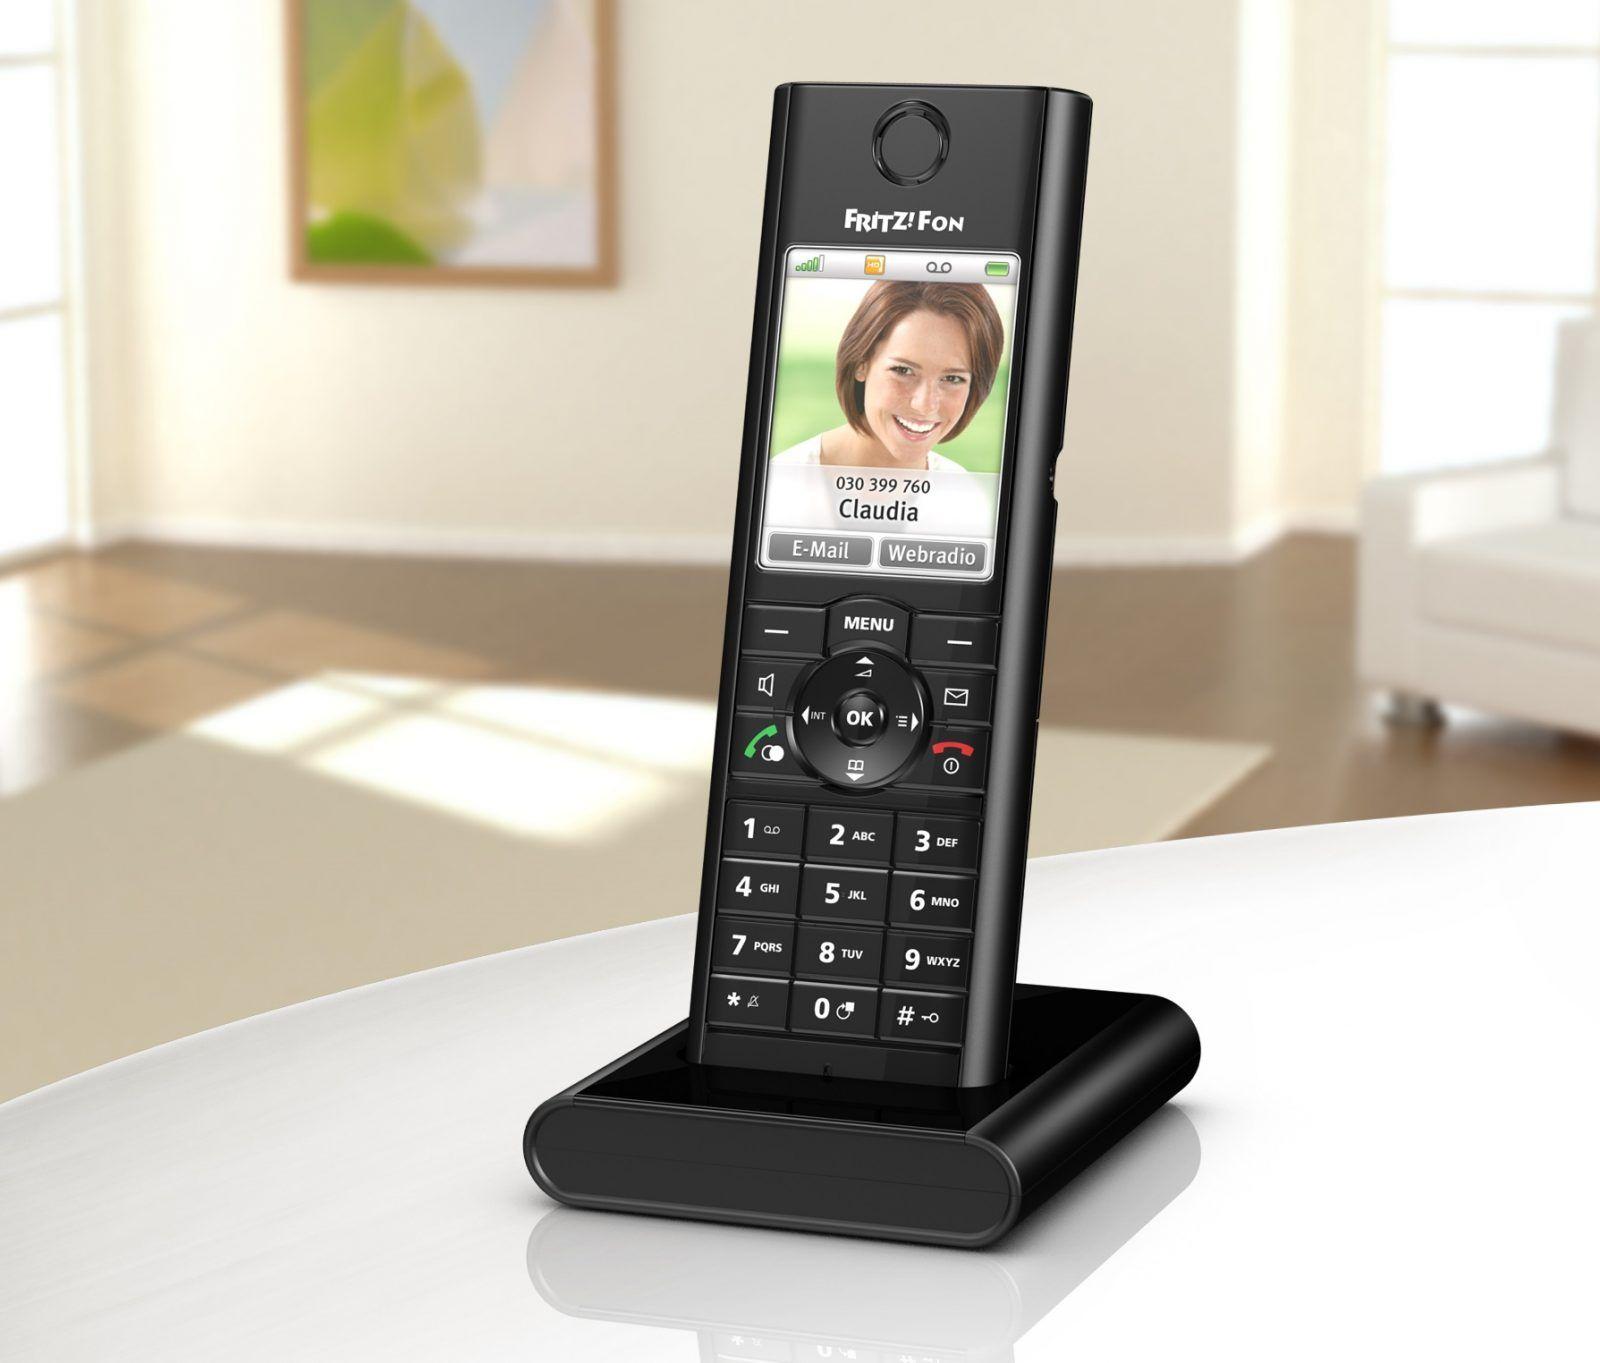 Inteligentny telefon domowy  FRITZ!Fon MT-F wyznacza nowe standardy